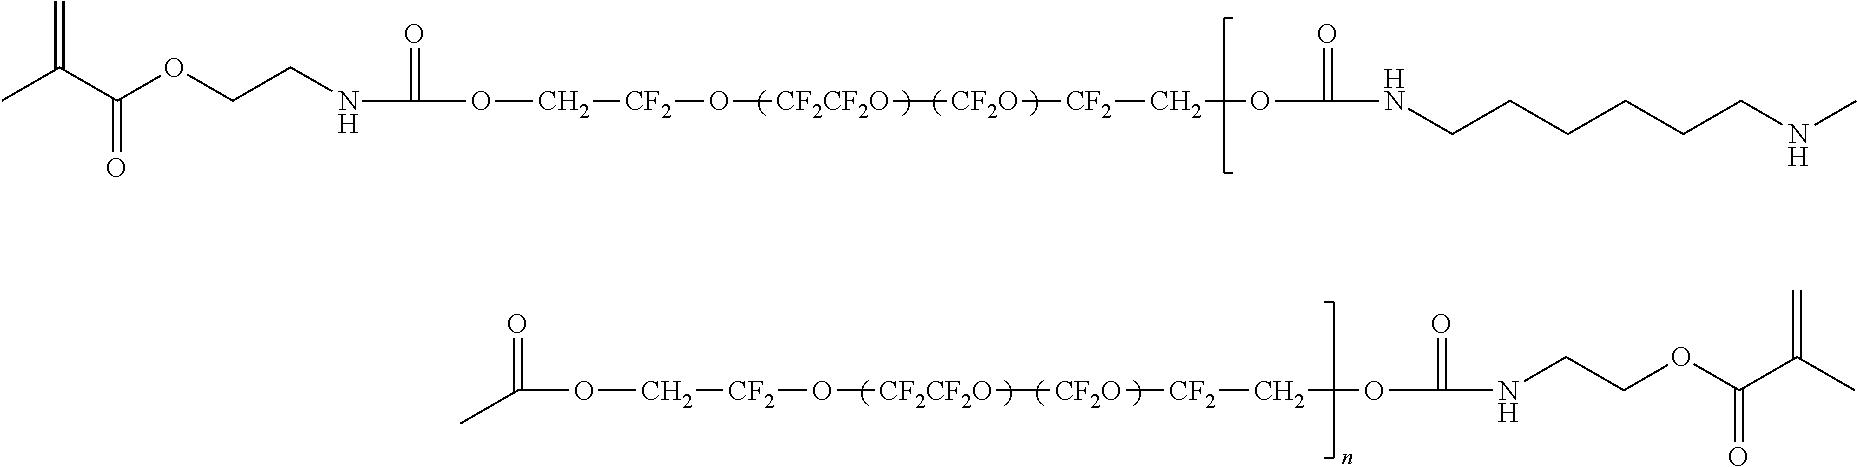 Figure US08158728-20120417-C00029